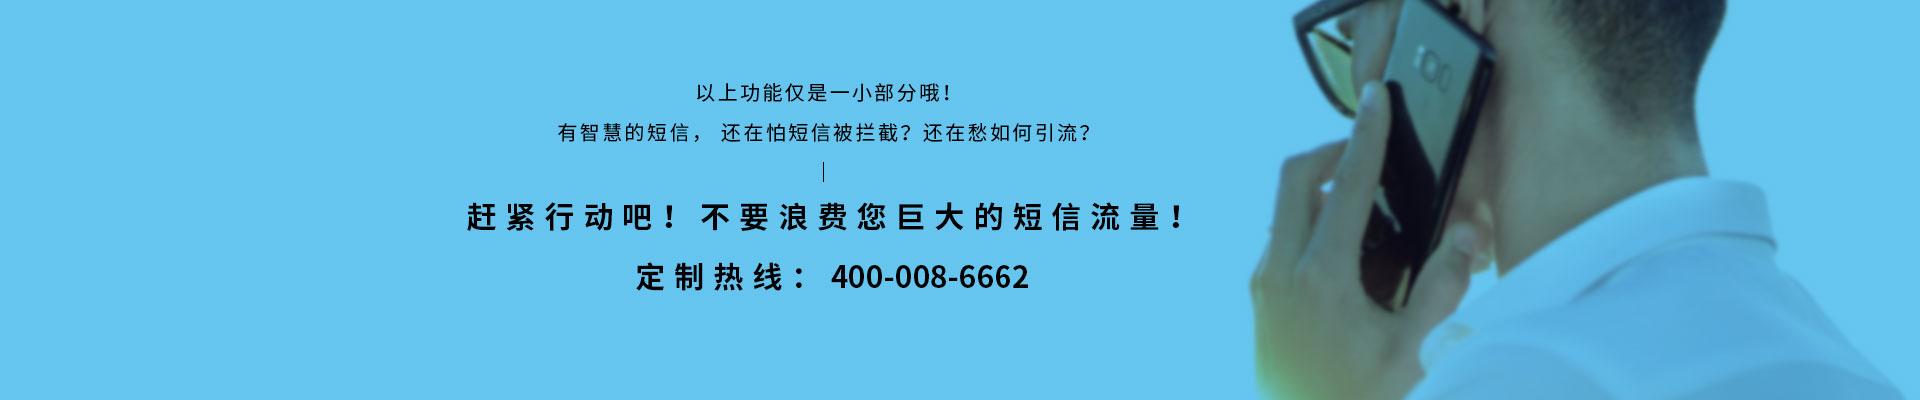 小源科技短信定制熱線:400-008-6662